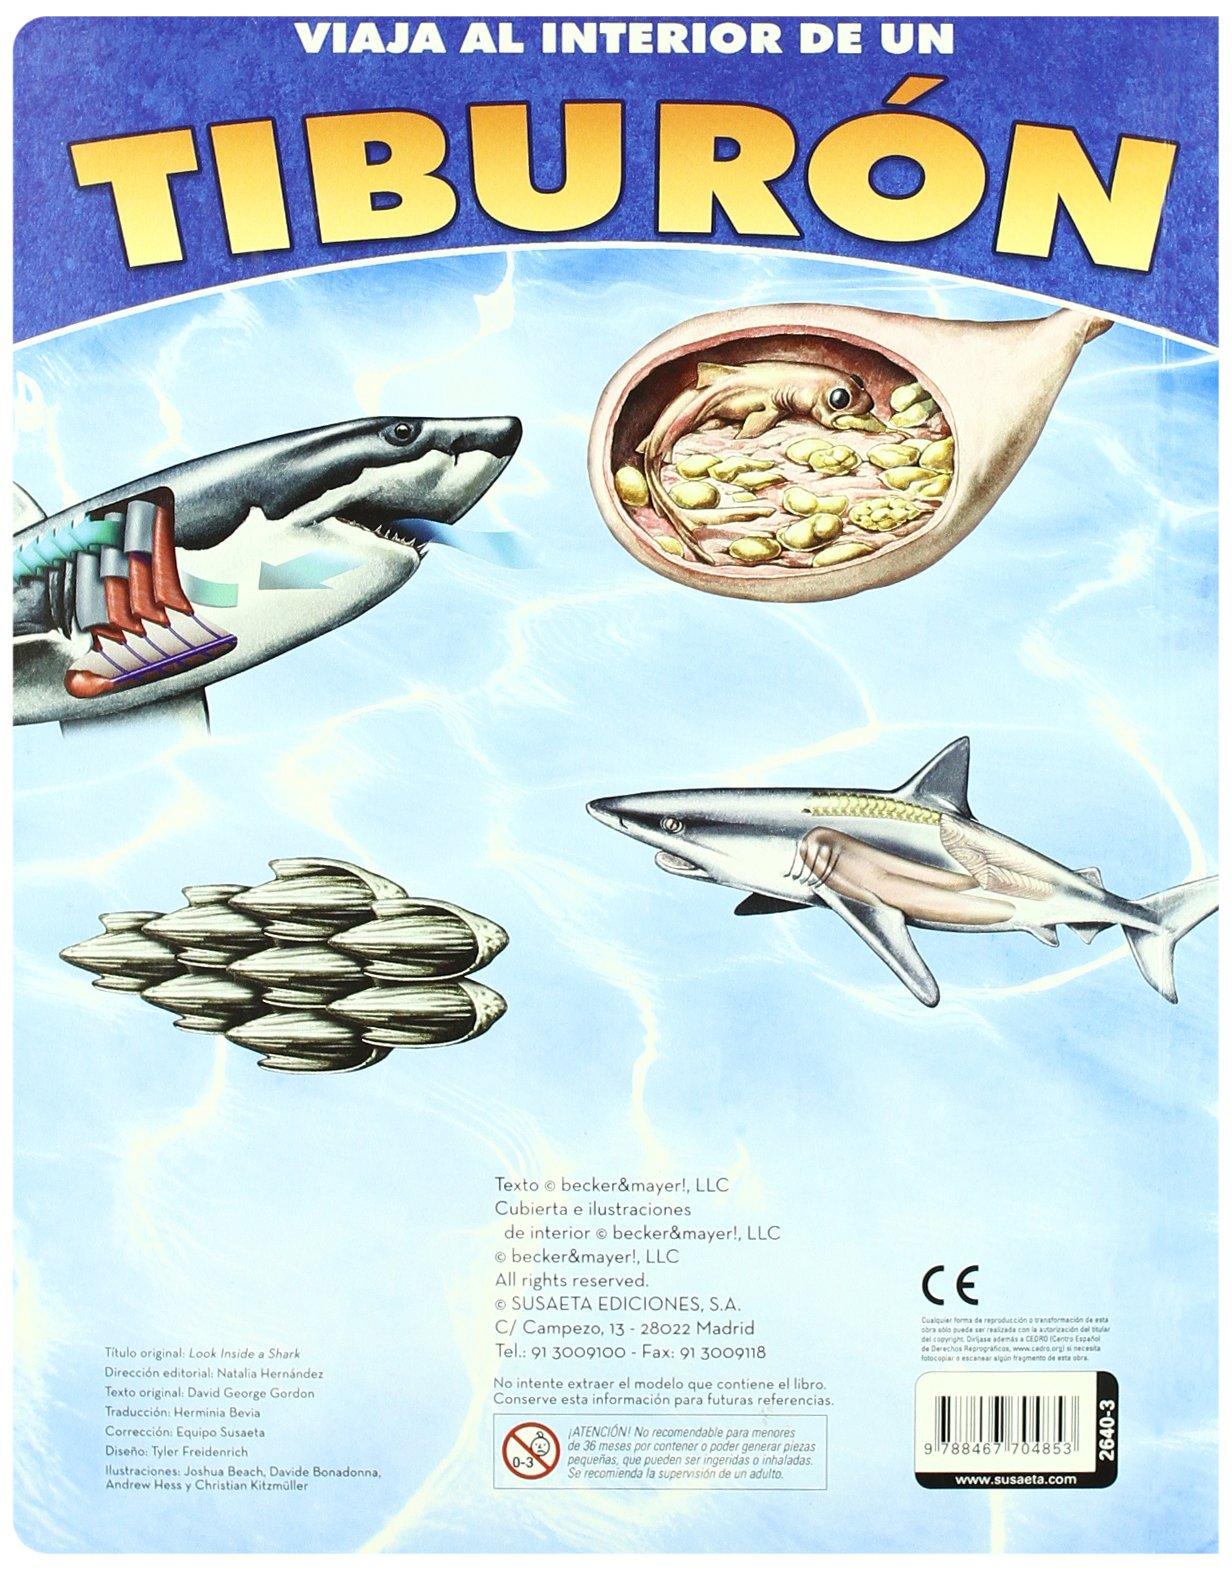 Tiburón (Viaja al interior de...): Amazon.es: Susaeta Ediciones S A: Libros